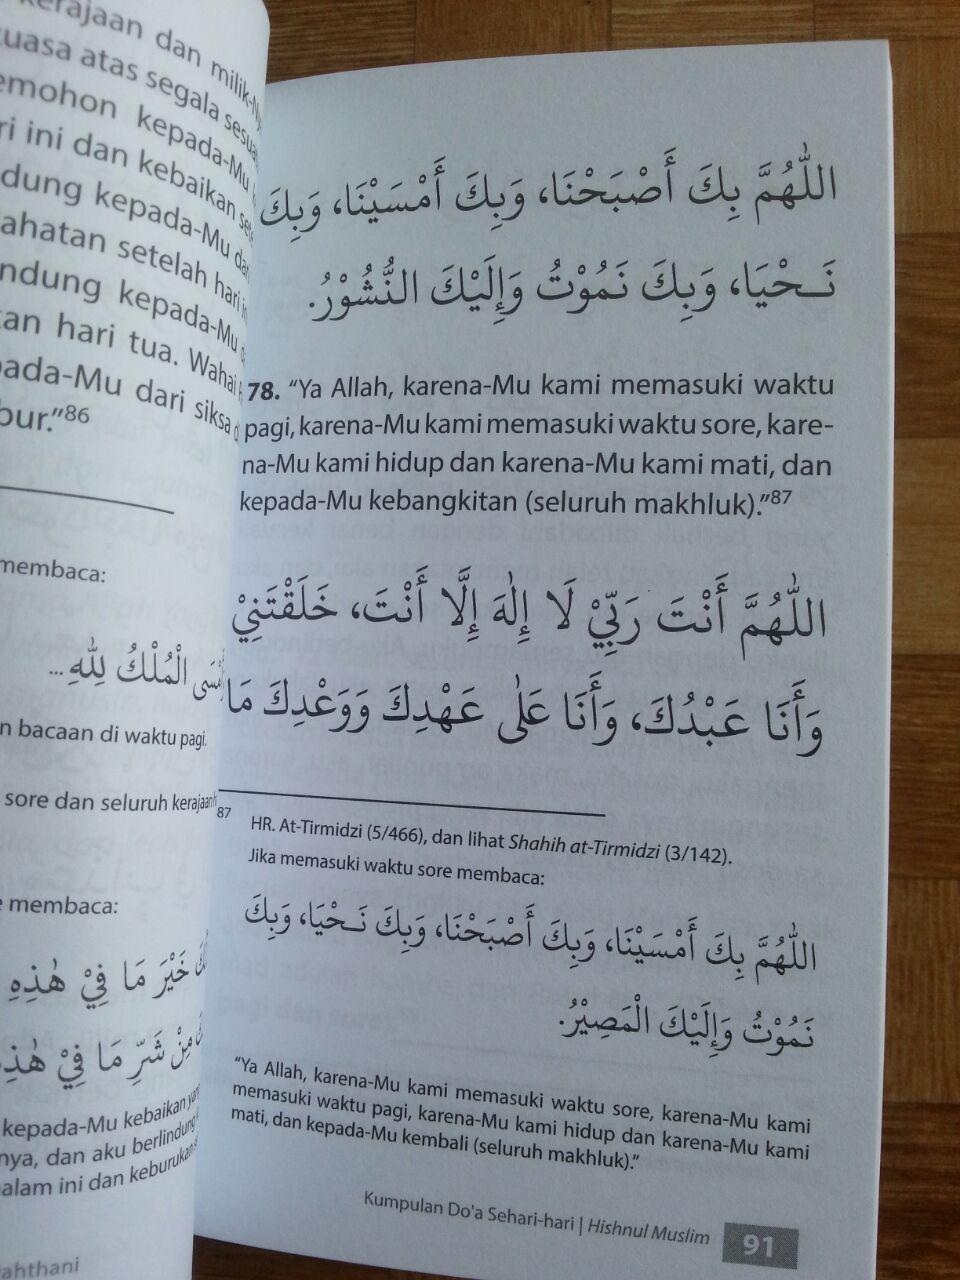 Buku Saku Hishnul Muslim Kumpulan Doa Sehari-Hari isi 3